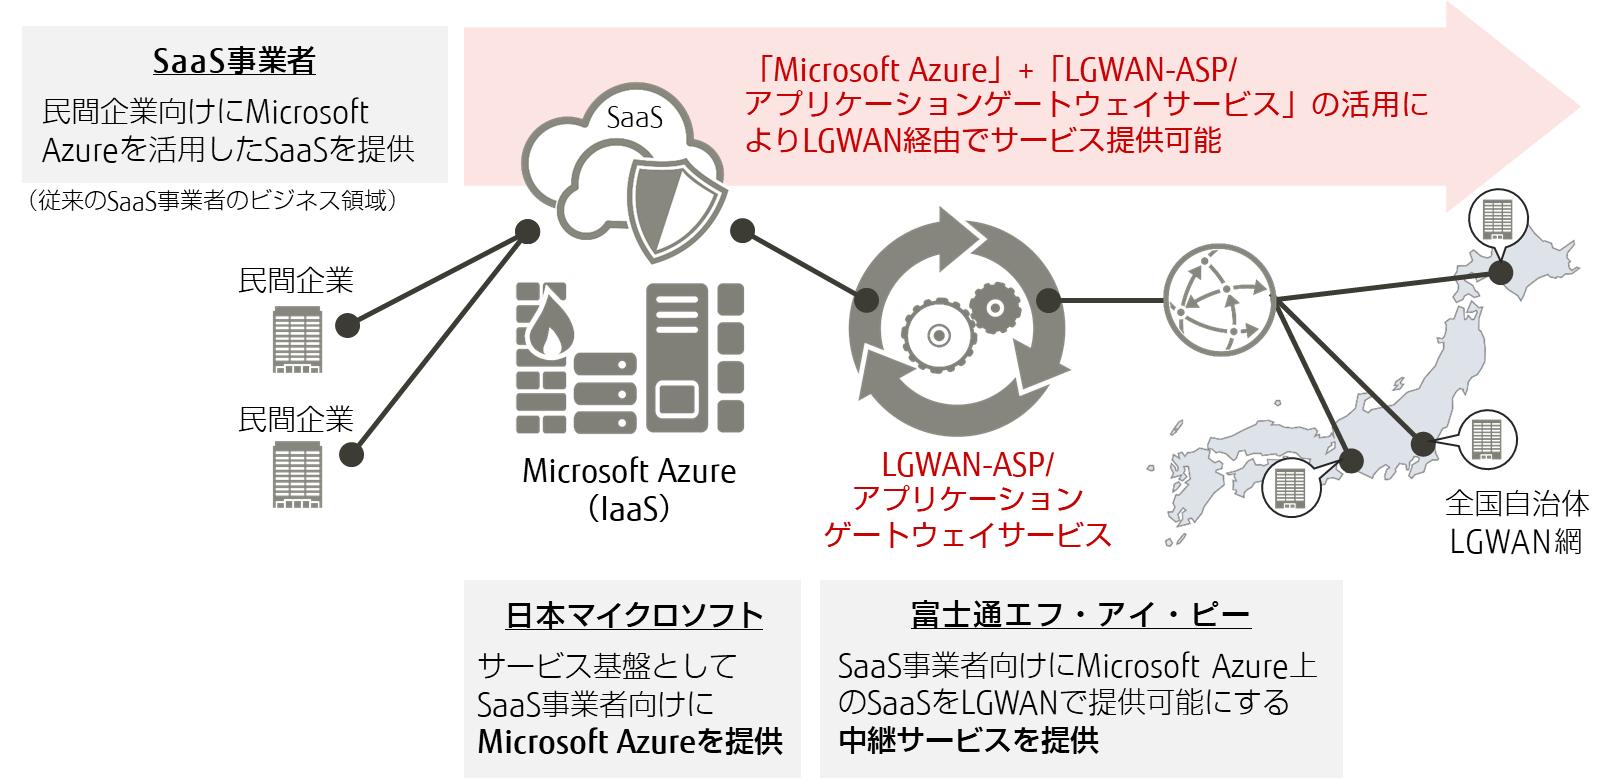 富士通エフ・アイ・ピーと日本マイクロソフトが連携したサービス提供イメージ